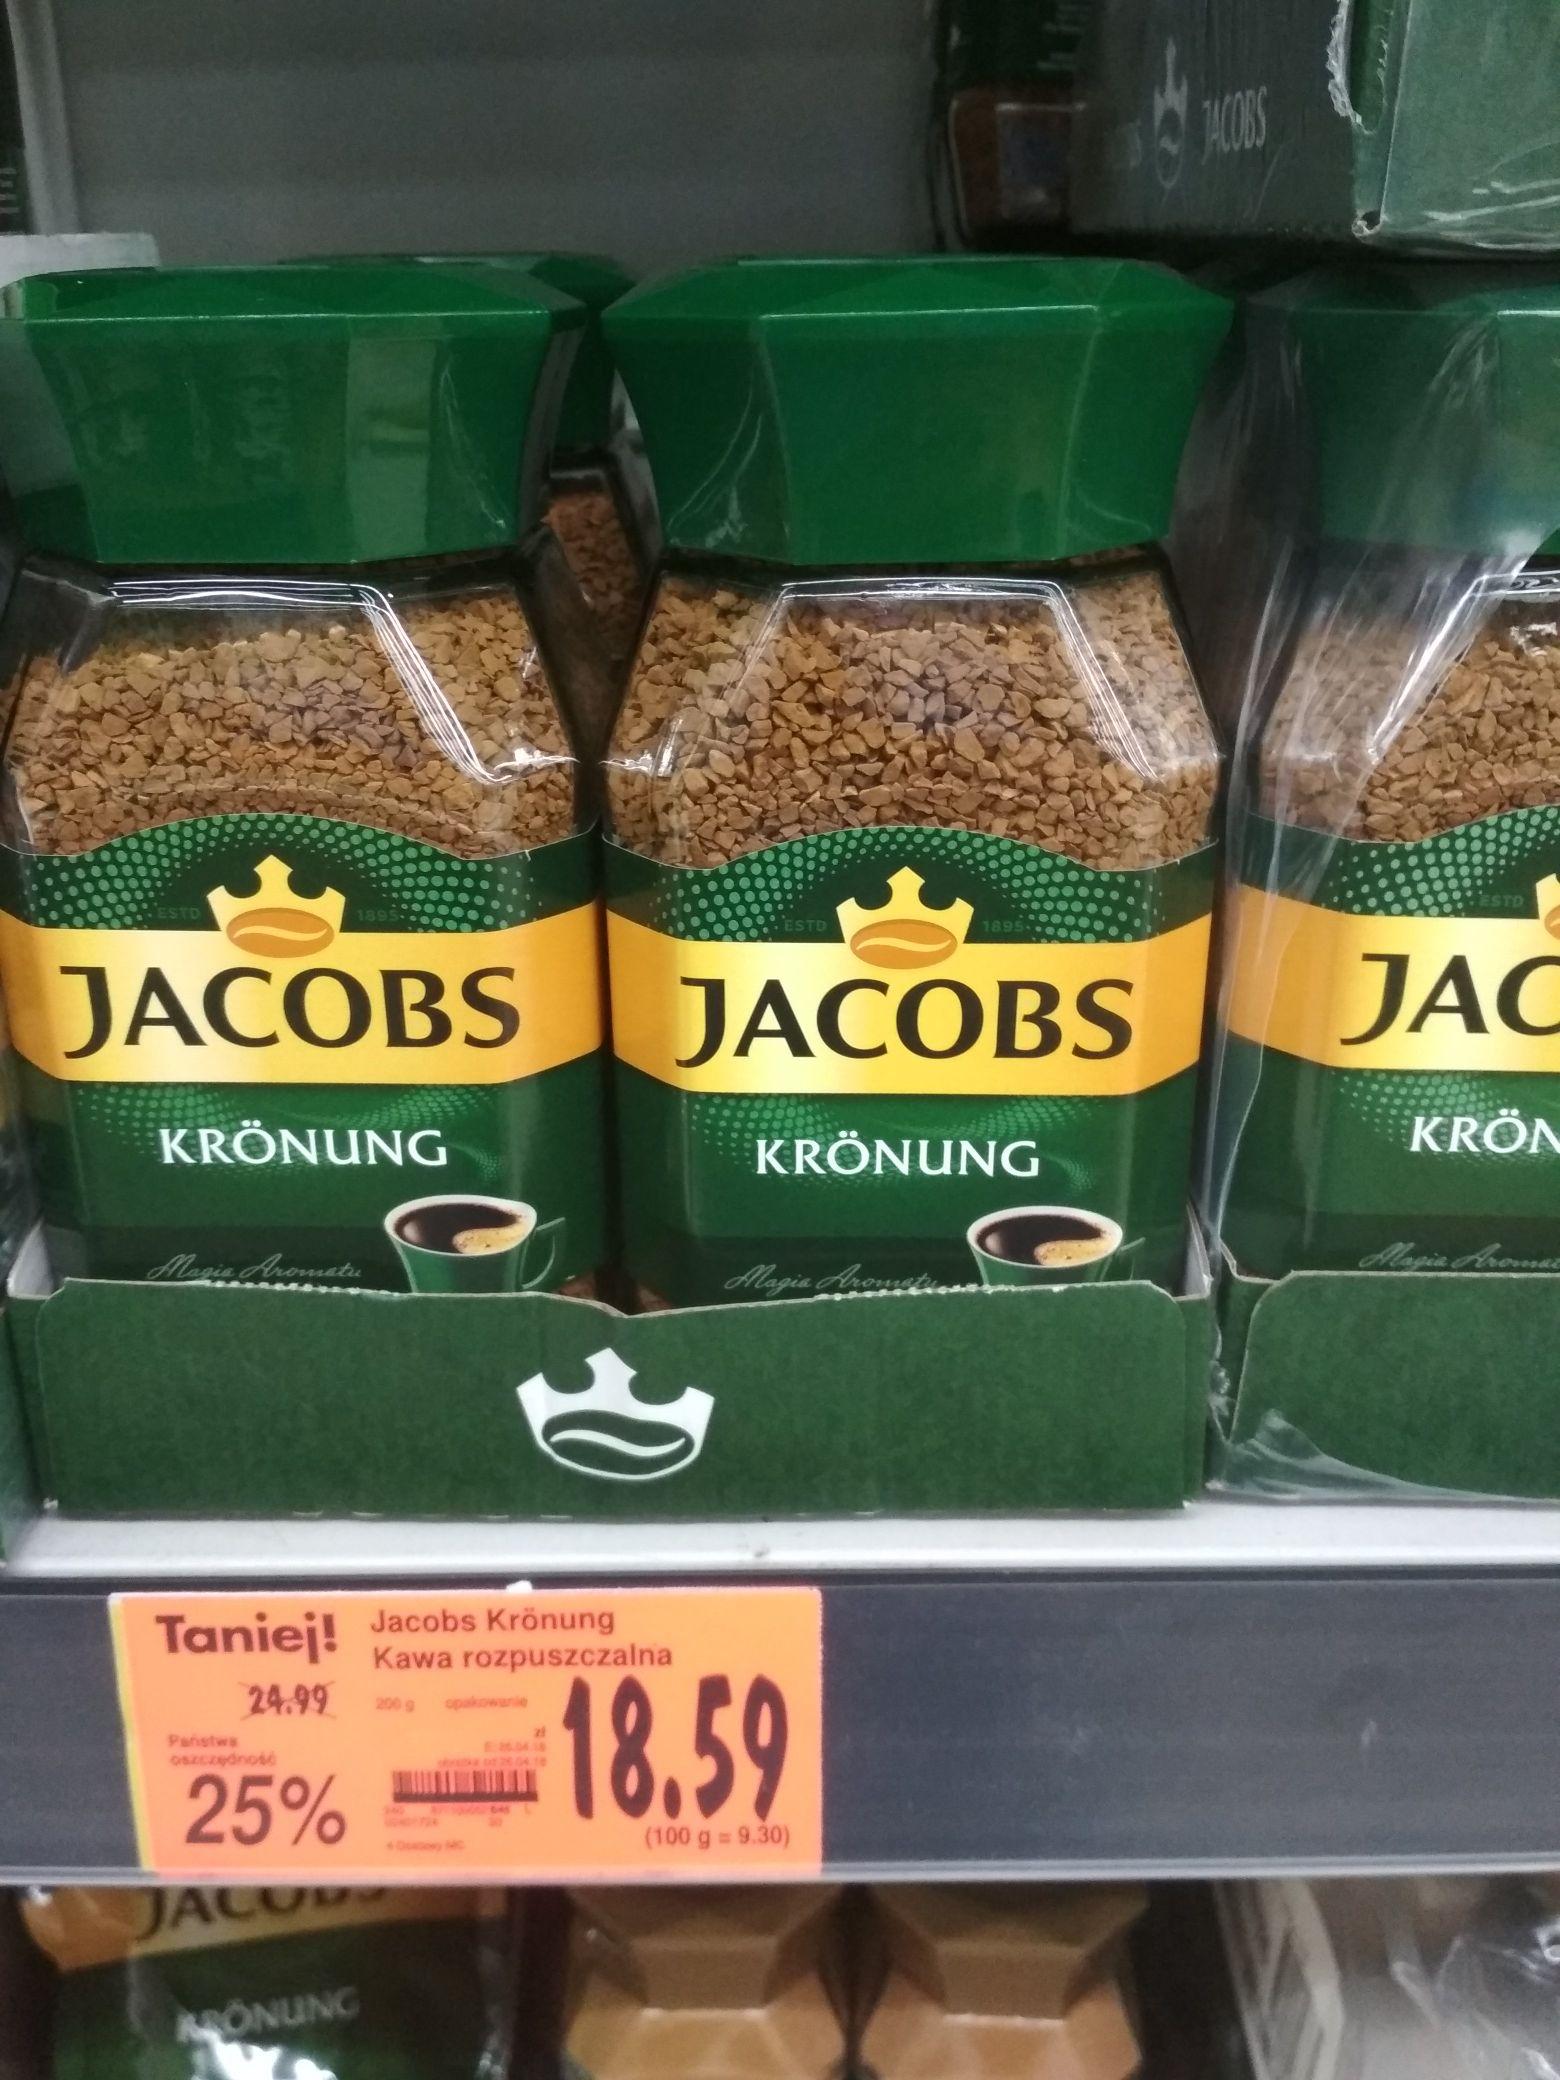 Jacobs Kronung, rozpuszczalna, 200 g.